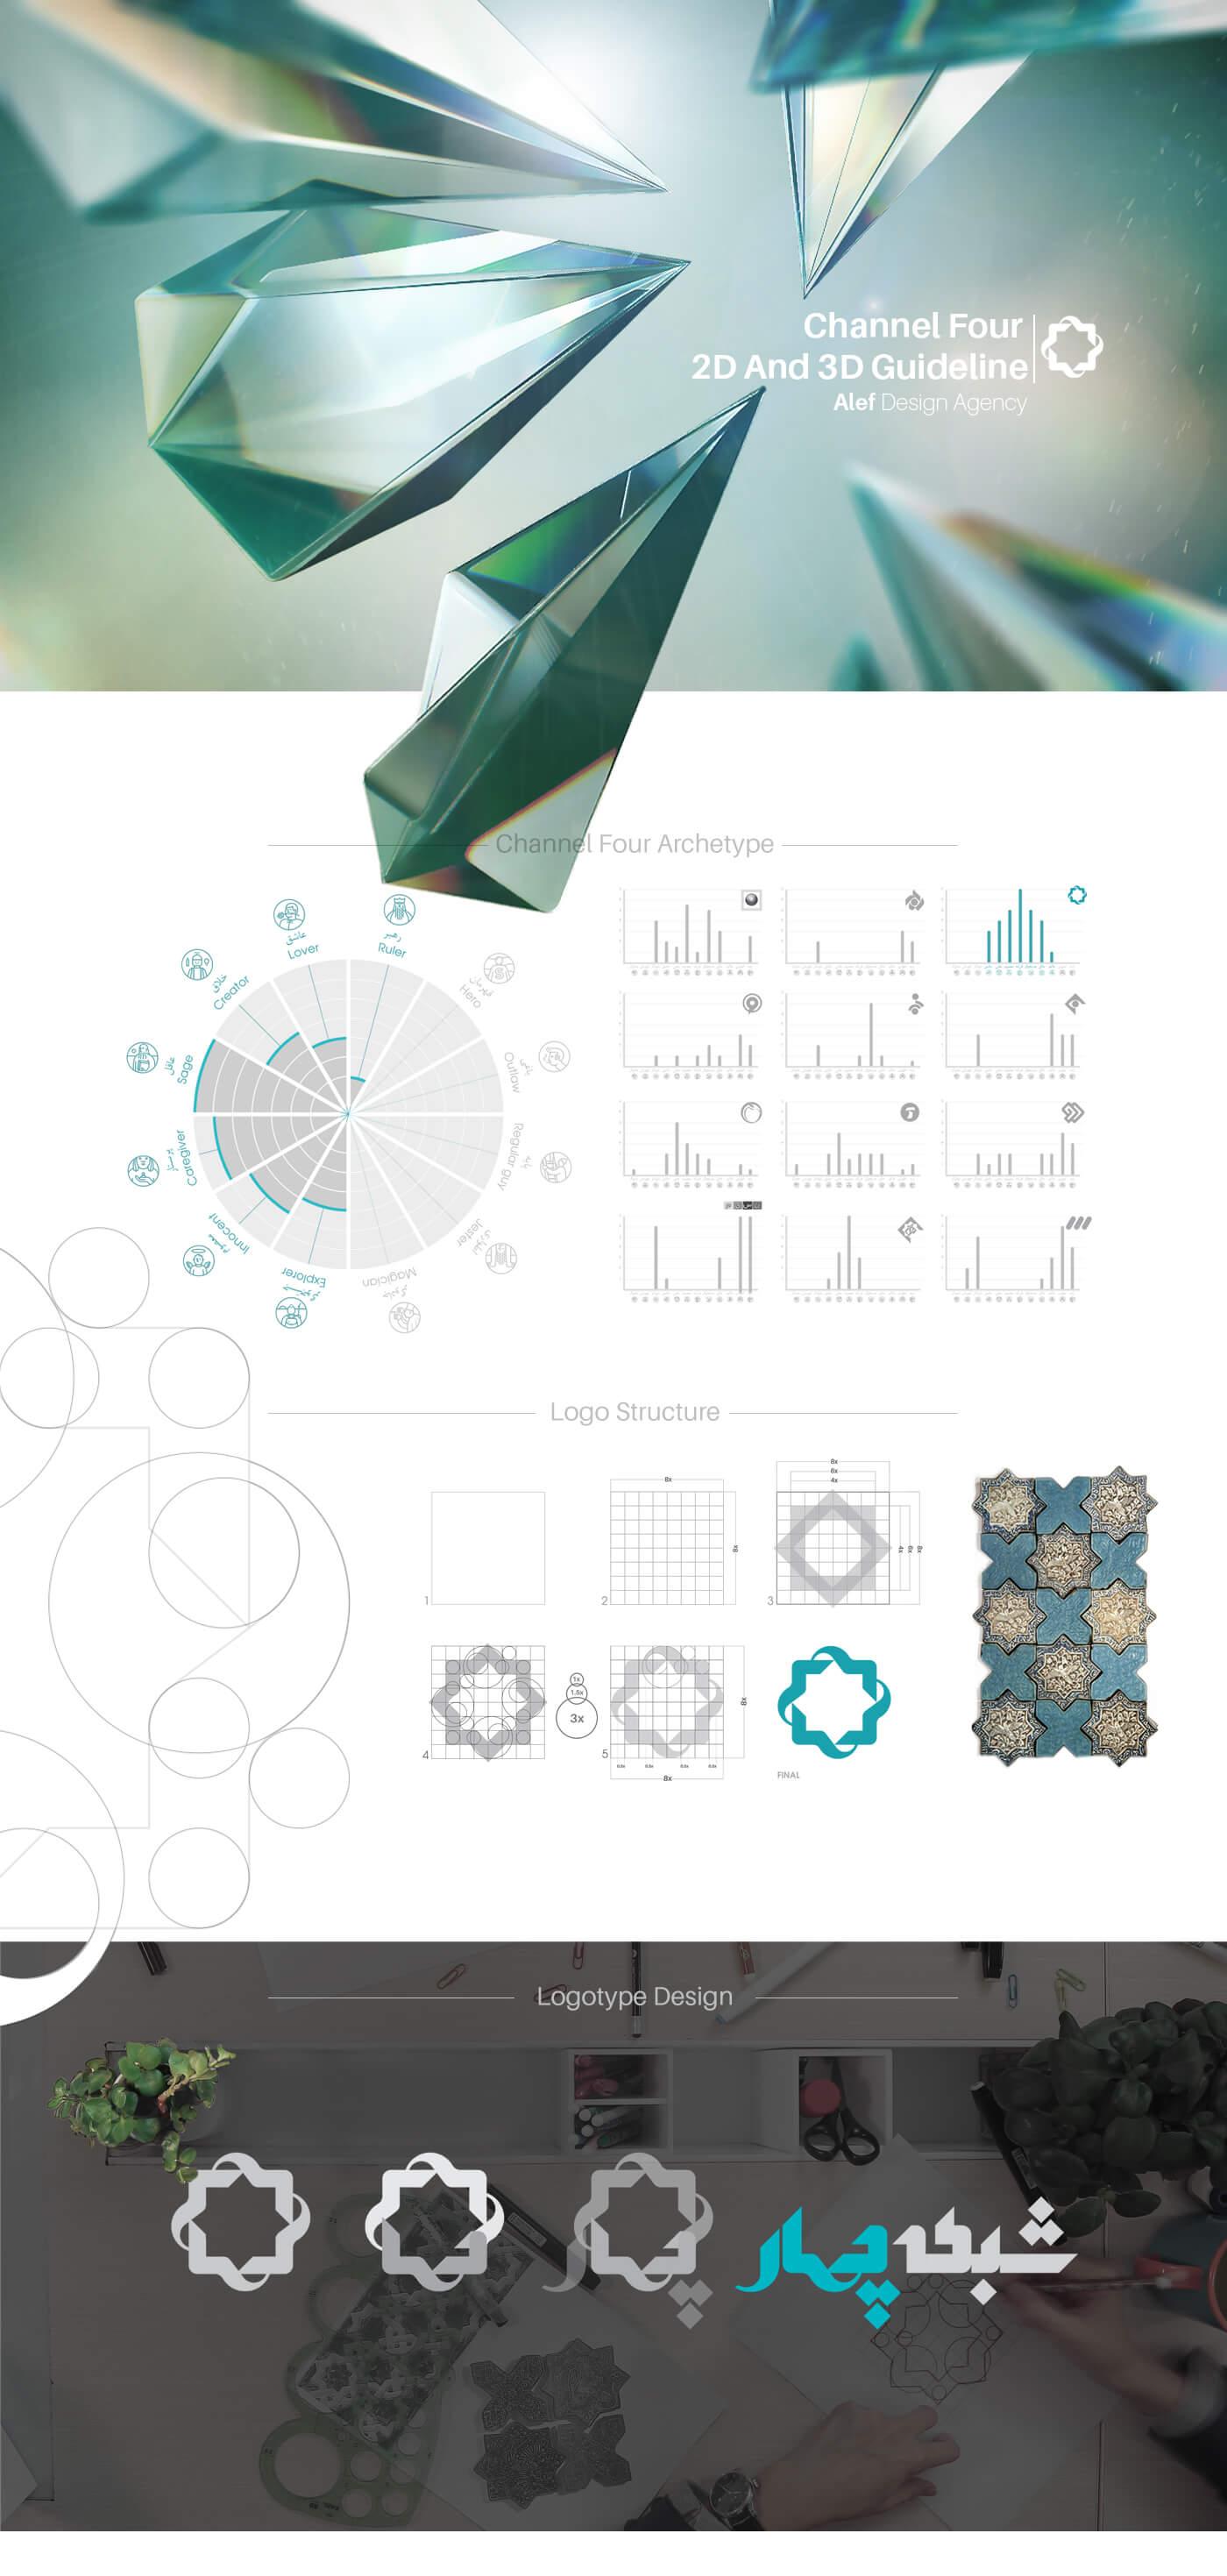 هویت بصری شبکه 4 سیما